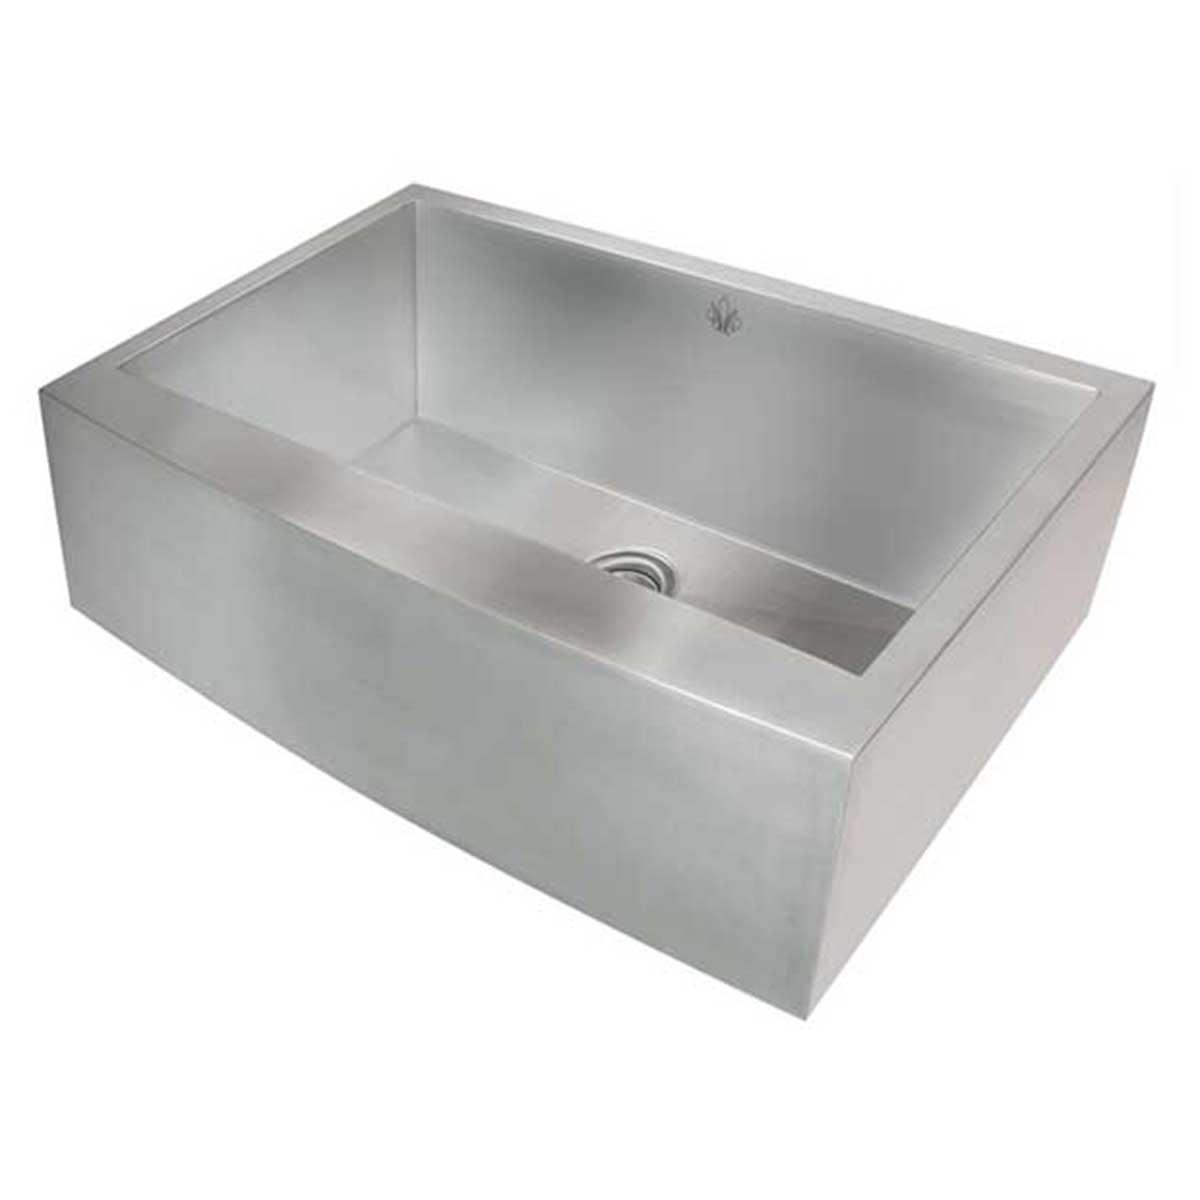 Artisan Chef Pro CPAZ3621-D10 Sink